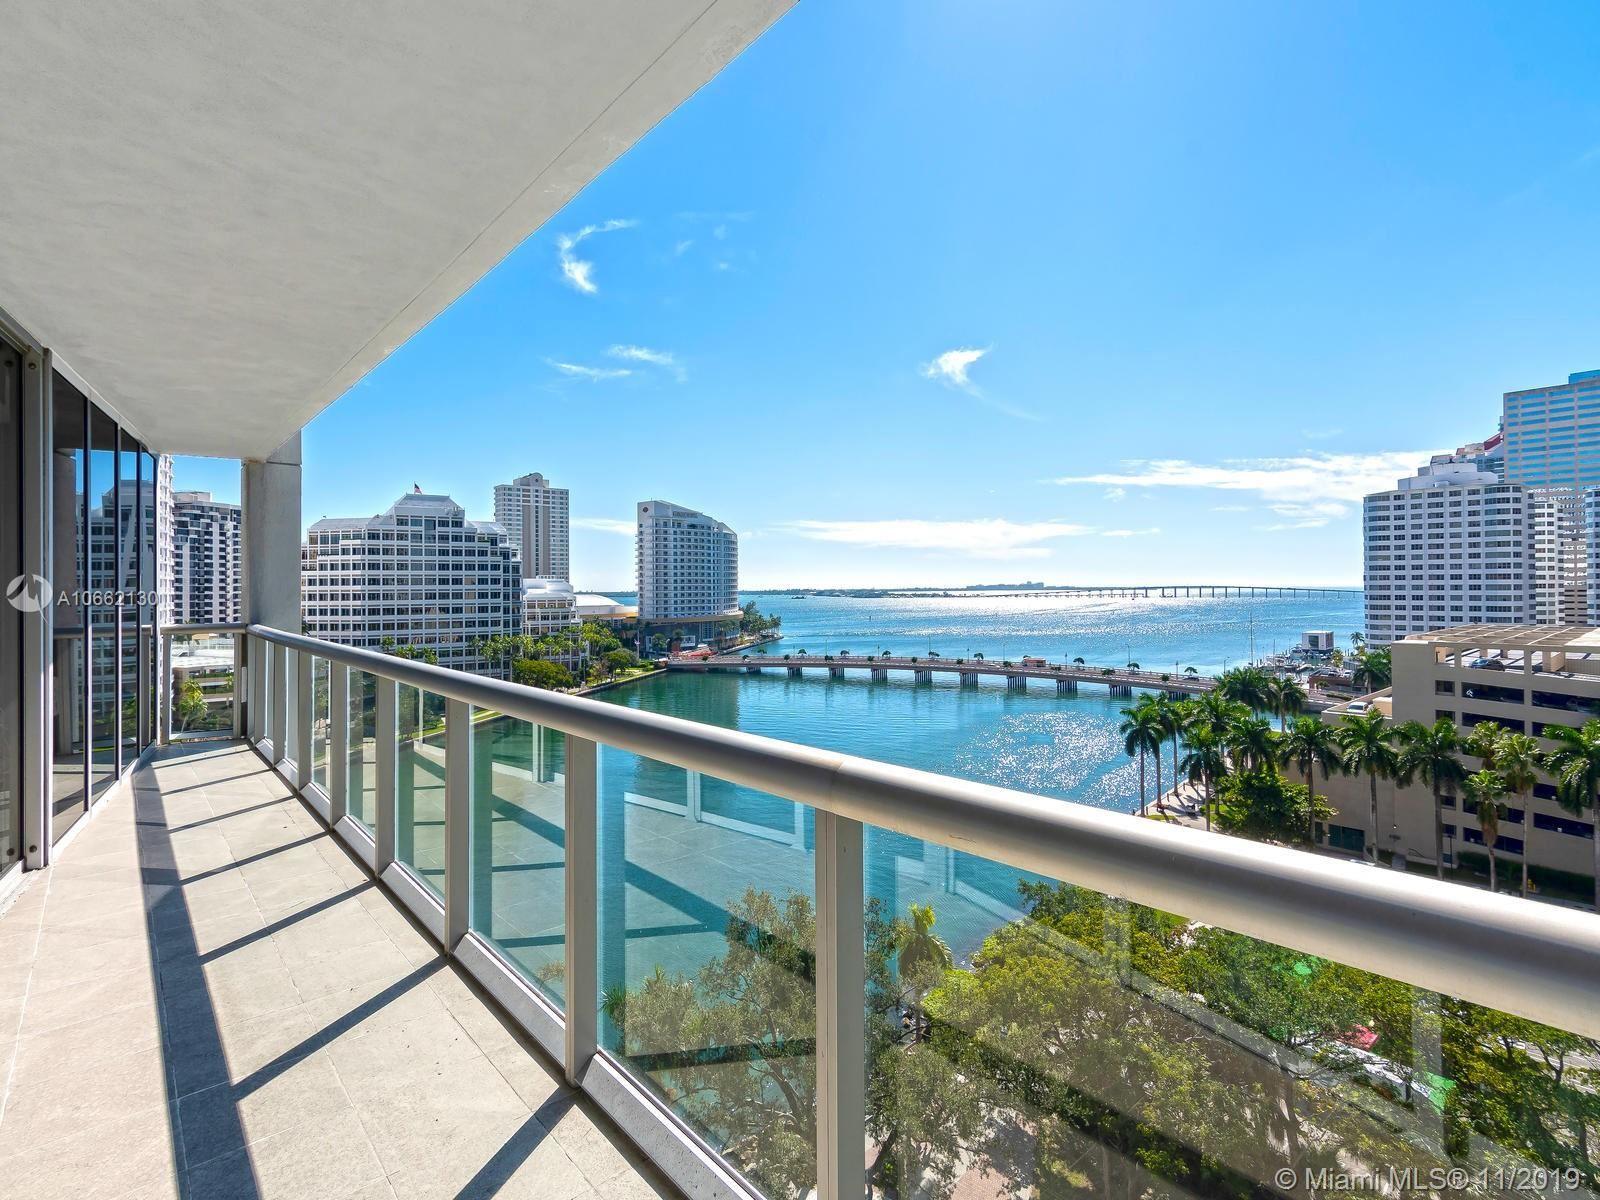 495 Brickell Ave #1001, Miami, FL 33131 - #: A10662130